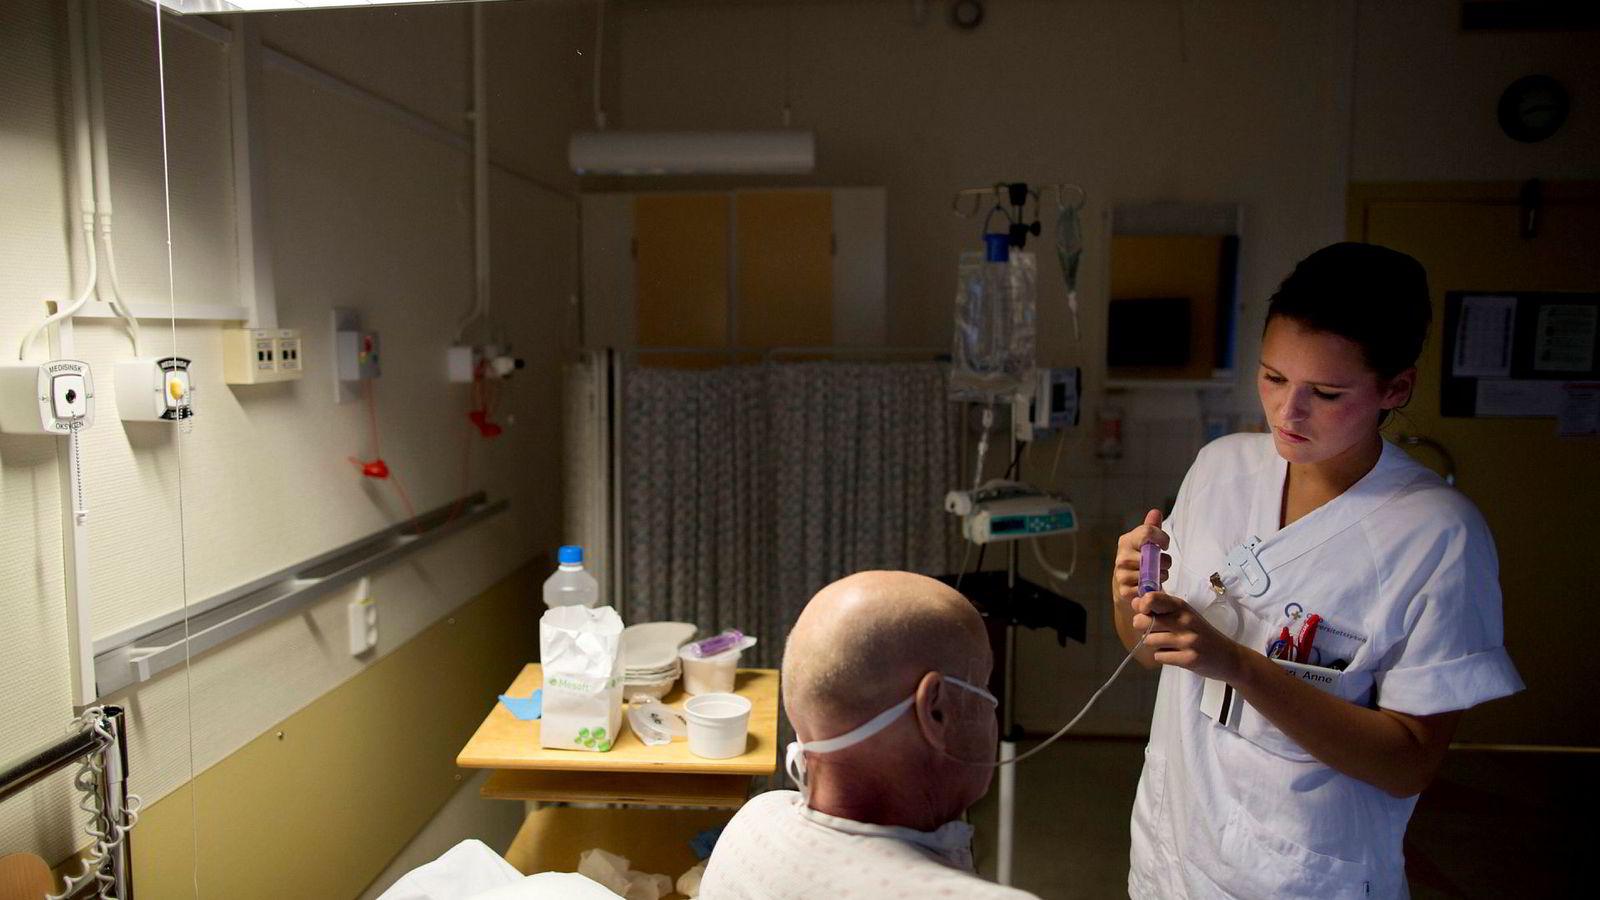 Statens helsetilsyn ga i sommer en pasient rett til å få videreført en spesifikk kreftbehandling i den offentlige spesialisthelsetjenesten, til tross for at denne behandlingen av prioriteringshensyn ikke er en del av det offentlige helsetilbudet.